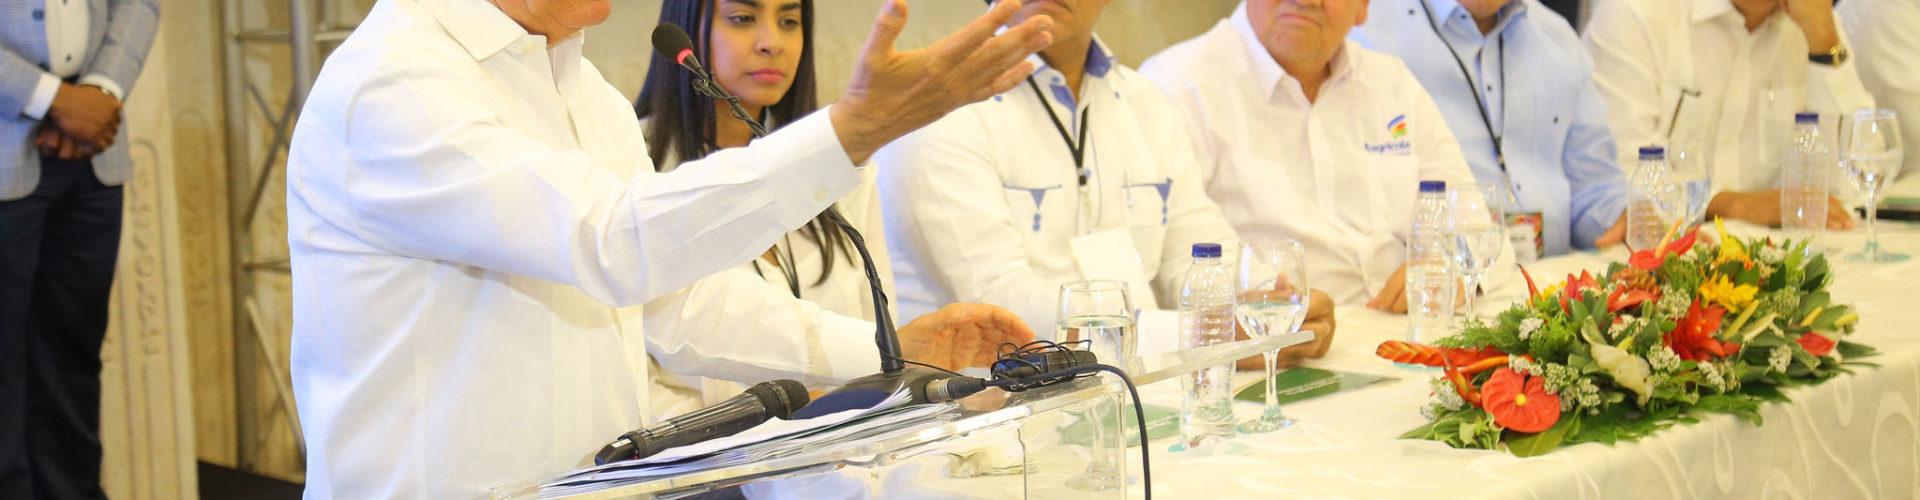 Presidente Medina dice RD está viviendo el modelo económico ideal